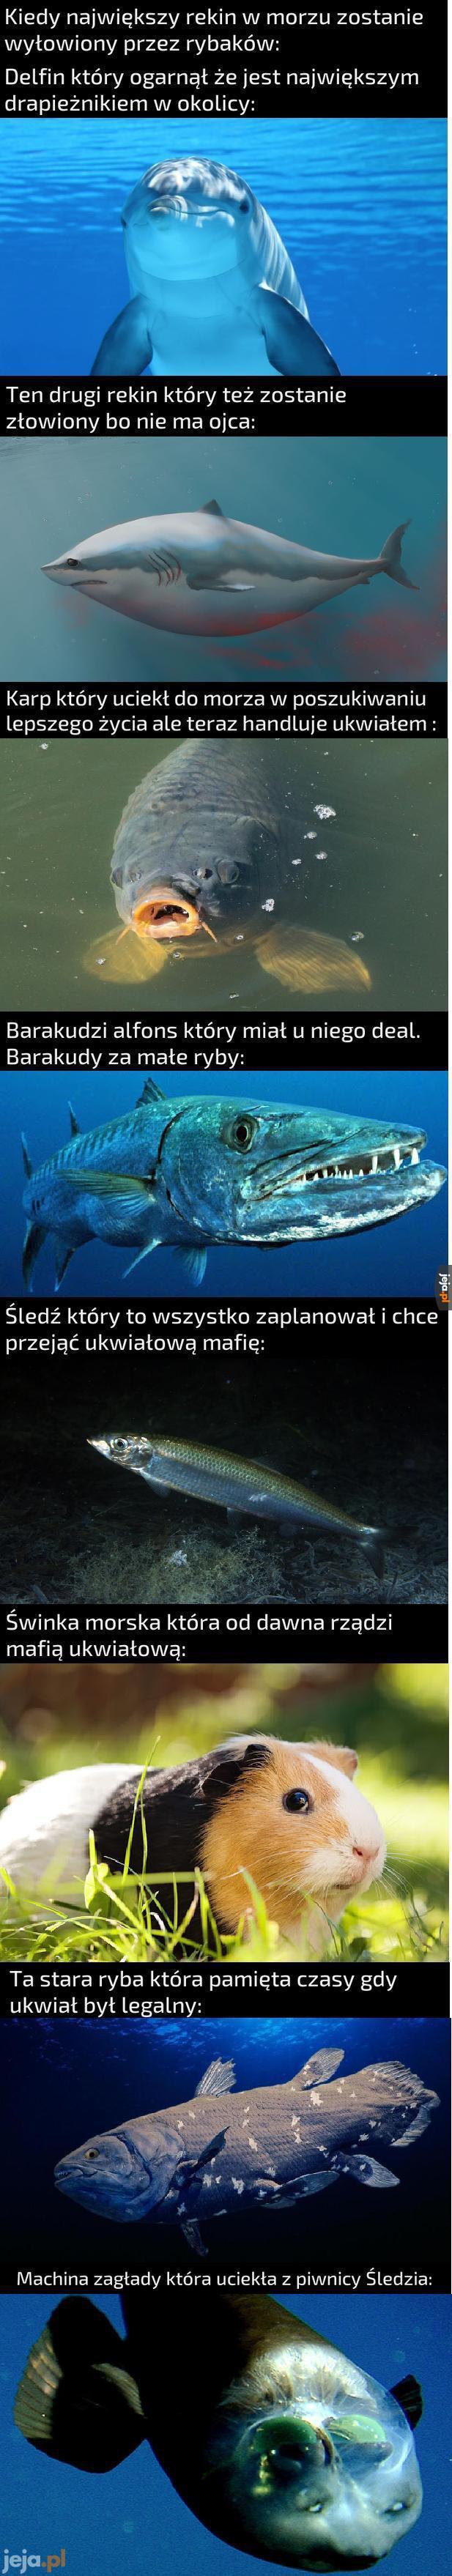 Najciekawsze gatunki morskie